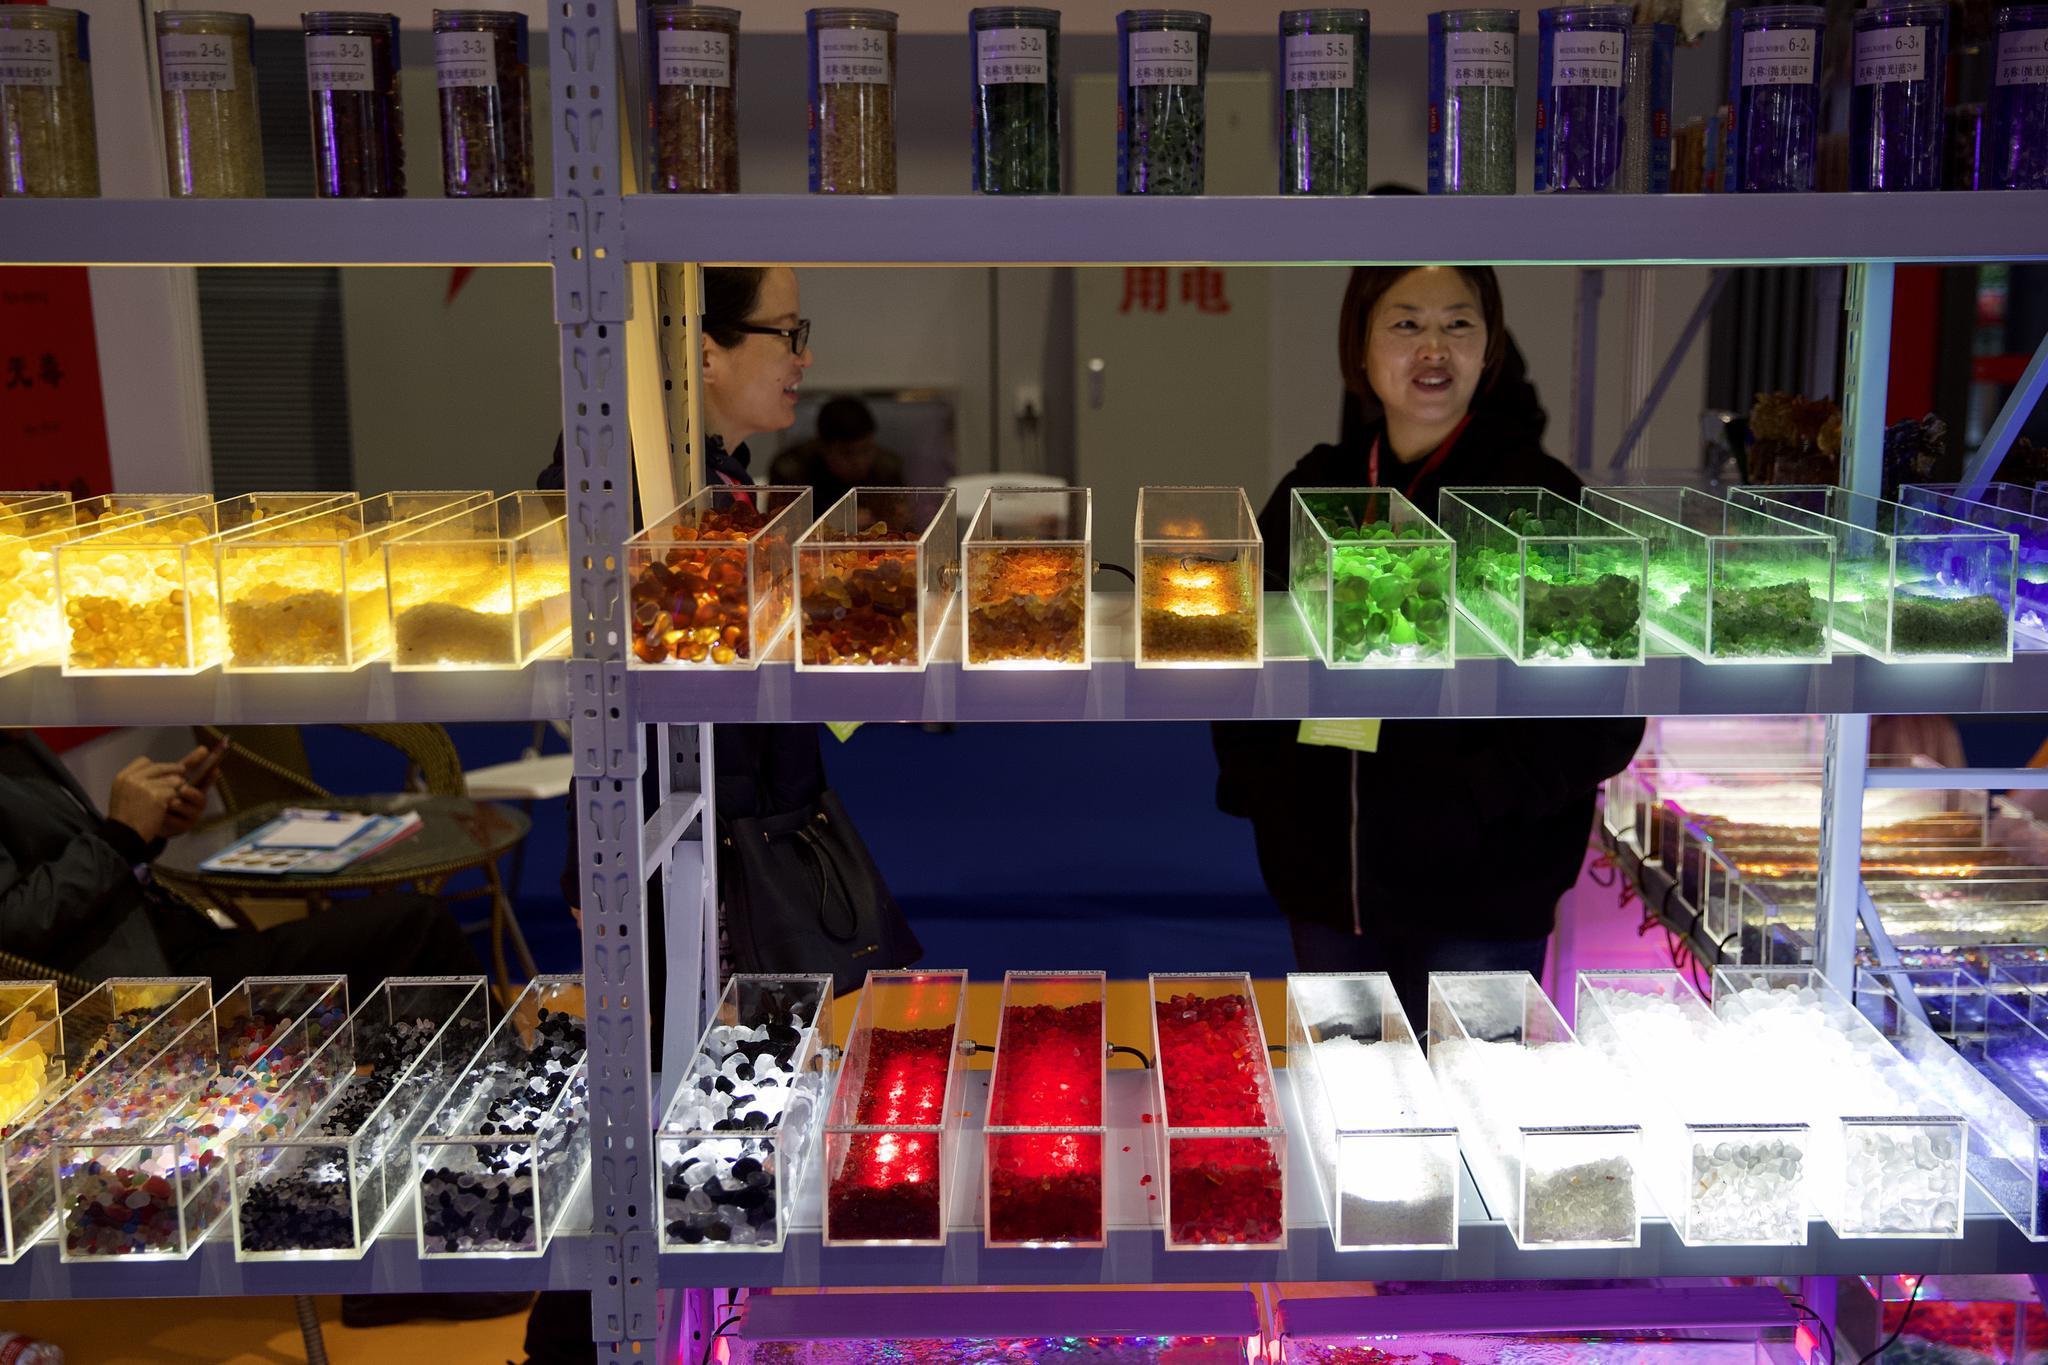 11月22日,上海国际会展中心,中国国际宠物水族展上的参展商。新京报记者 郑新洽 摄